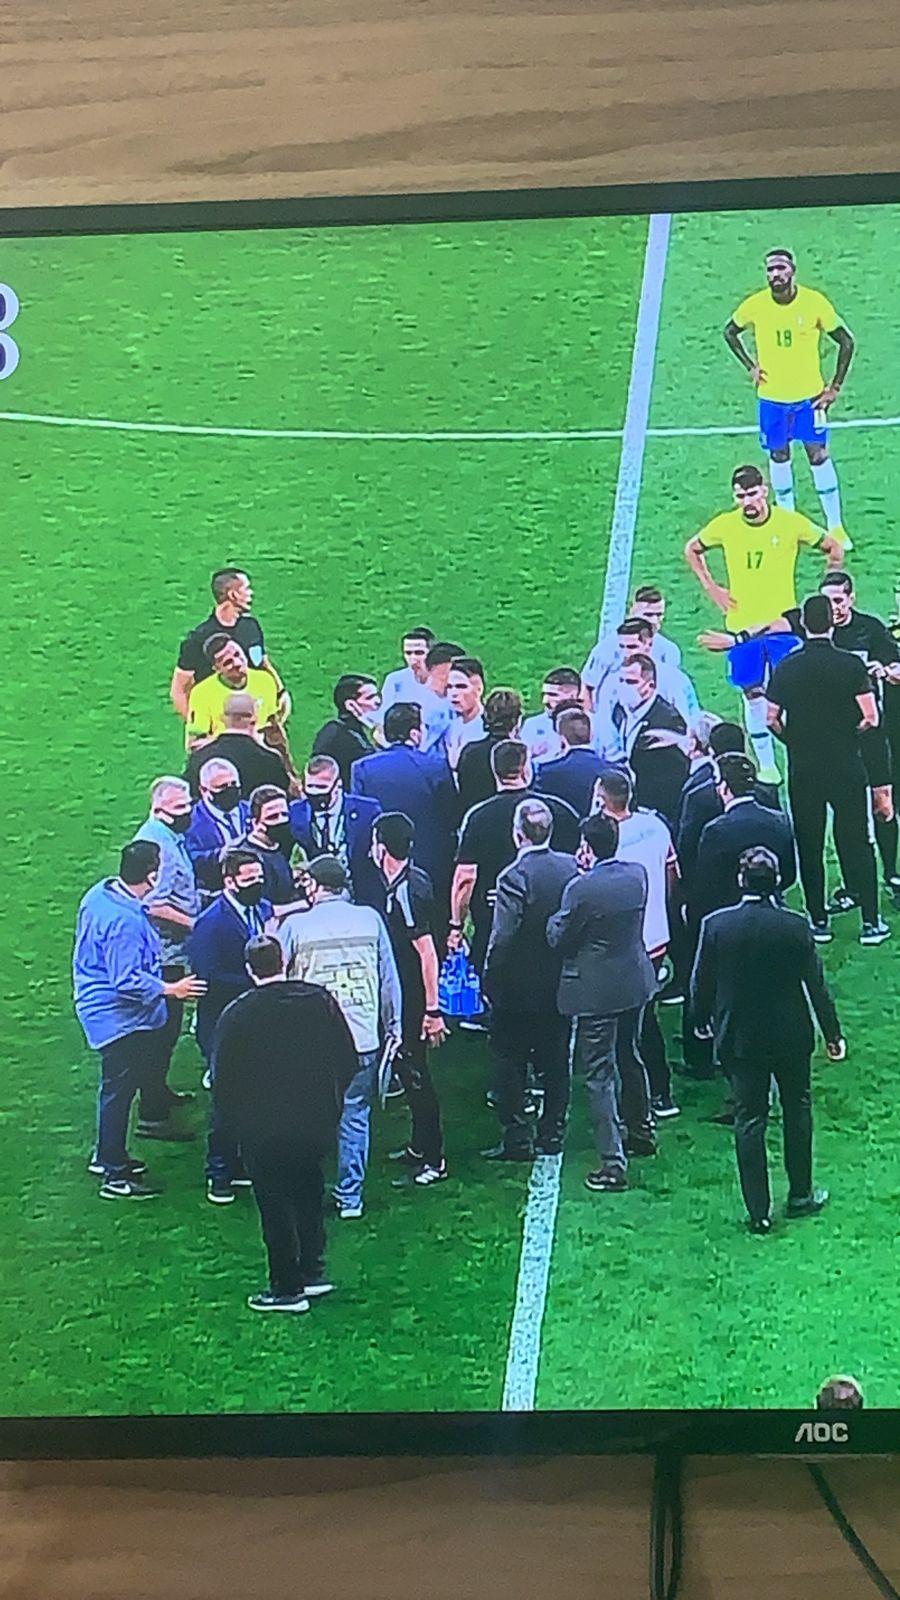 Urgente: ANVISA entra em campo no Jogo do Brasil e Argentina para expulsar jogadores sem quarentena